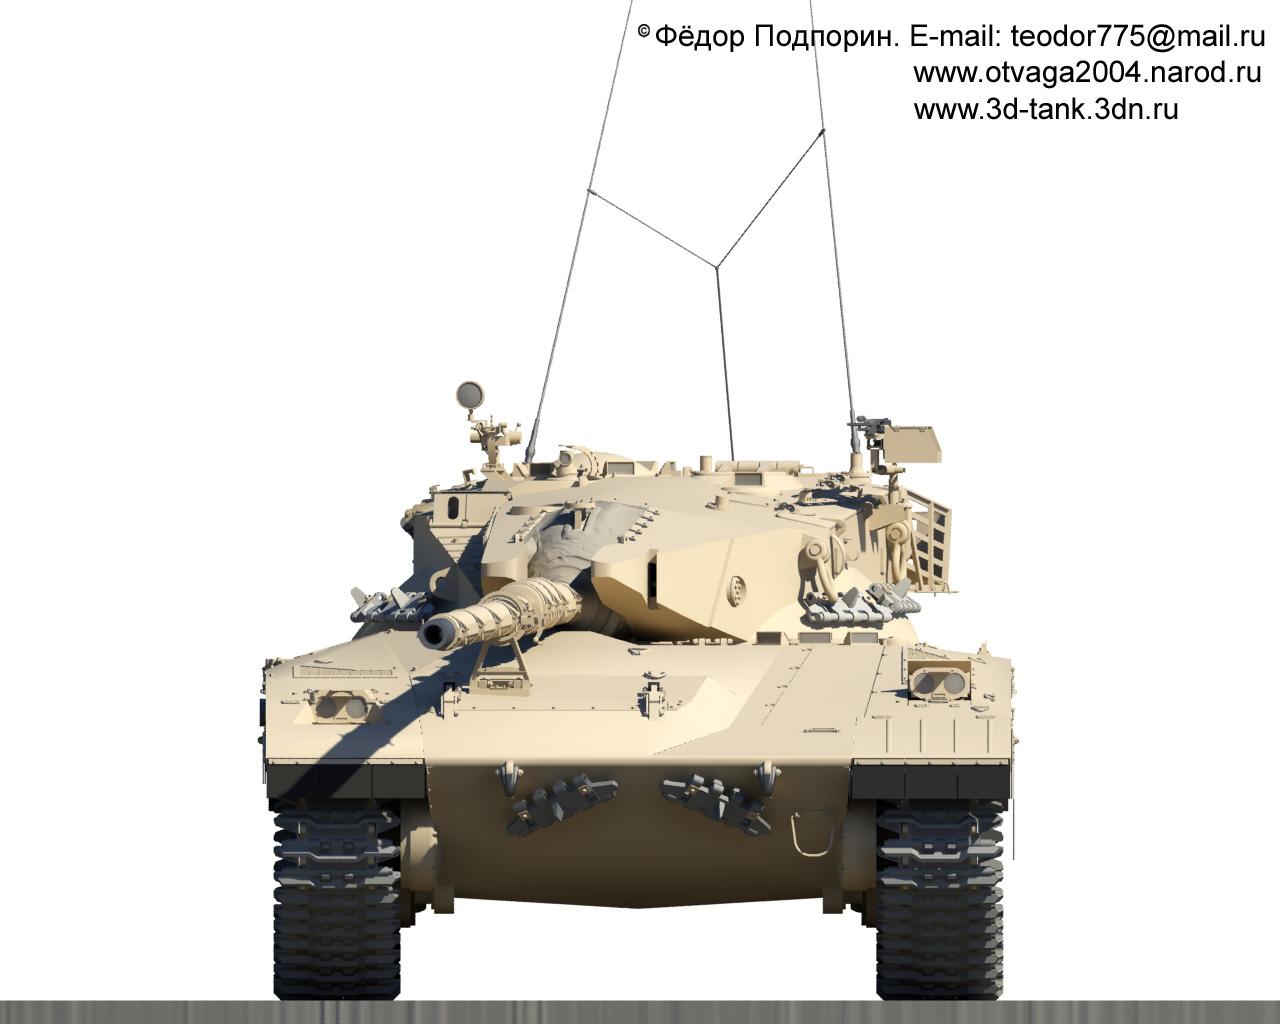 merkava-teodor775-otvaga2004-112